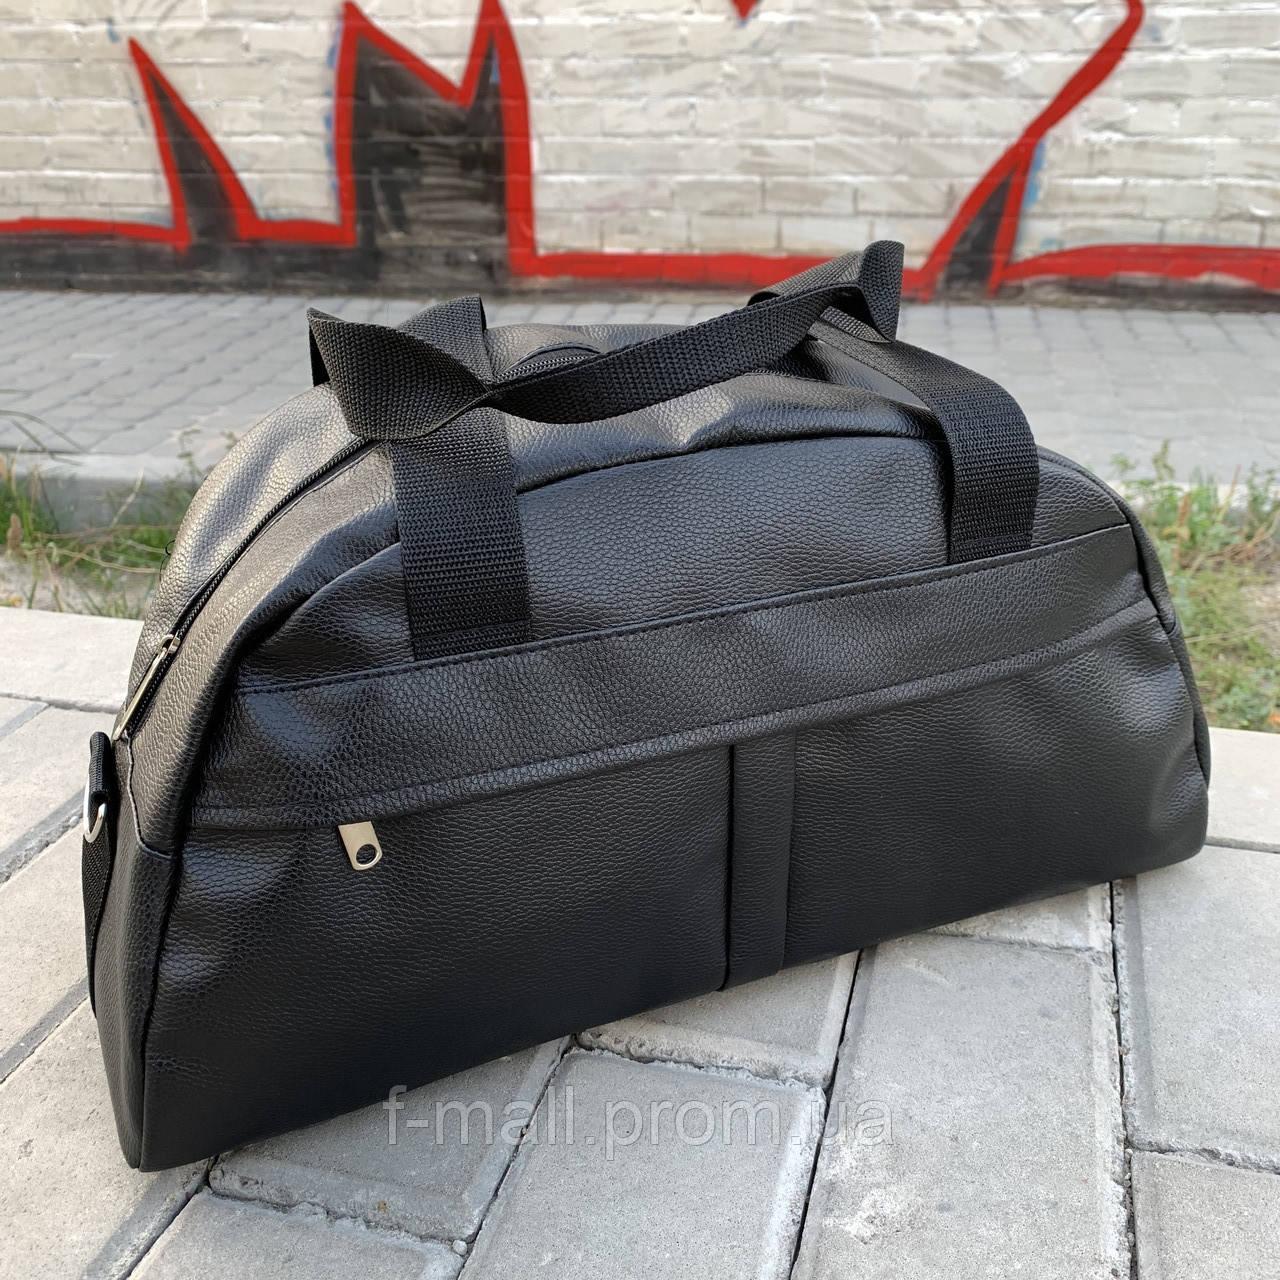 Женская спортивная сумка дорожная сумка из искусственной кожи Черный